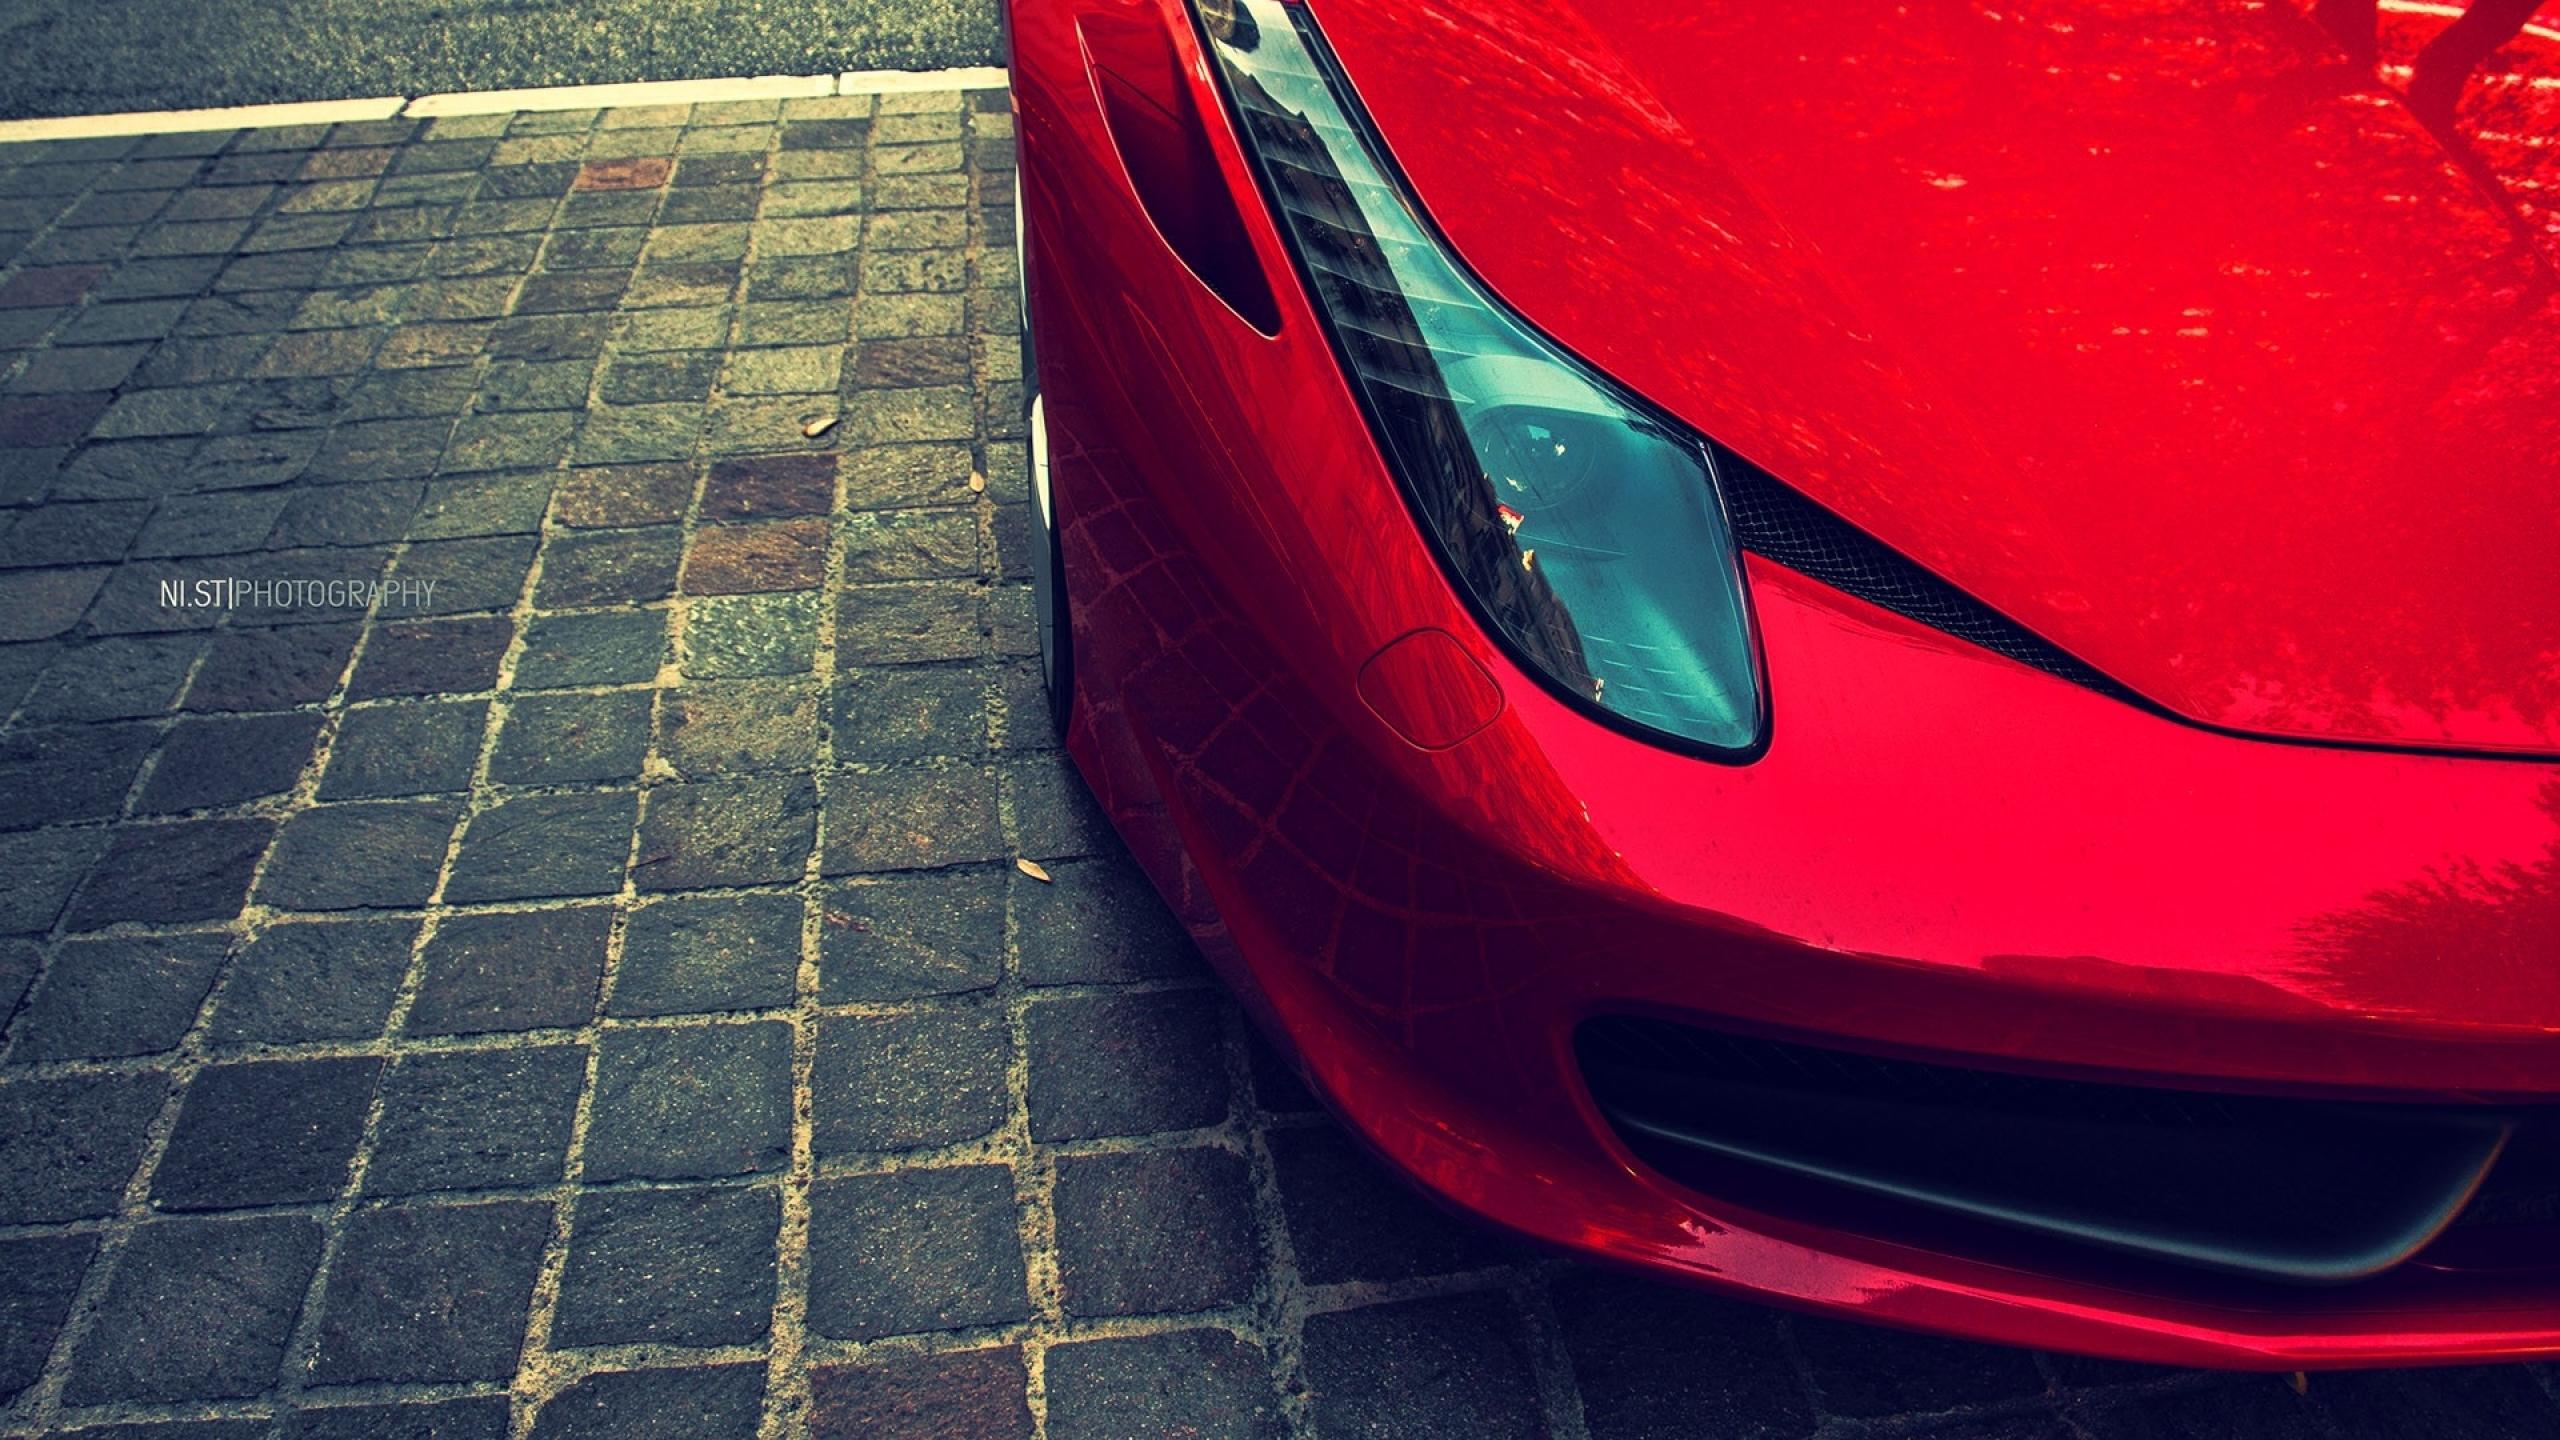 Hd wallpaper ultra - Ultra Hd Wallpapers Cars Ferrari On Wal